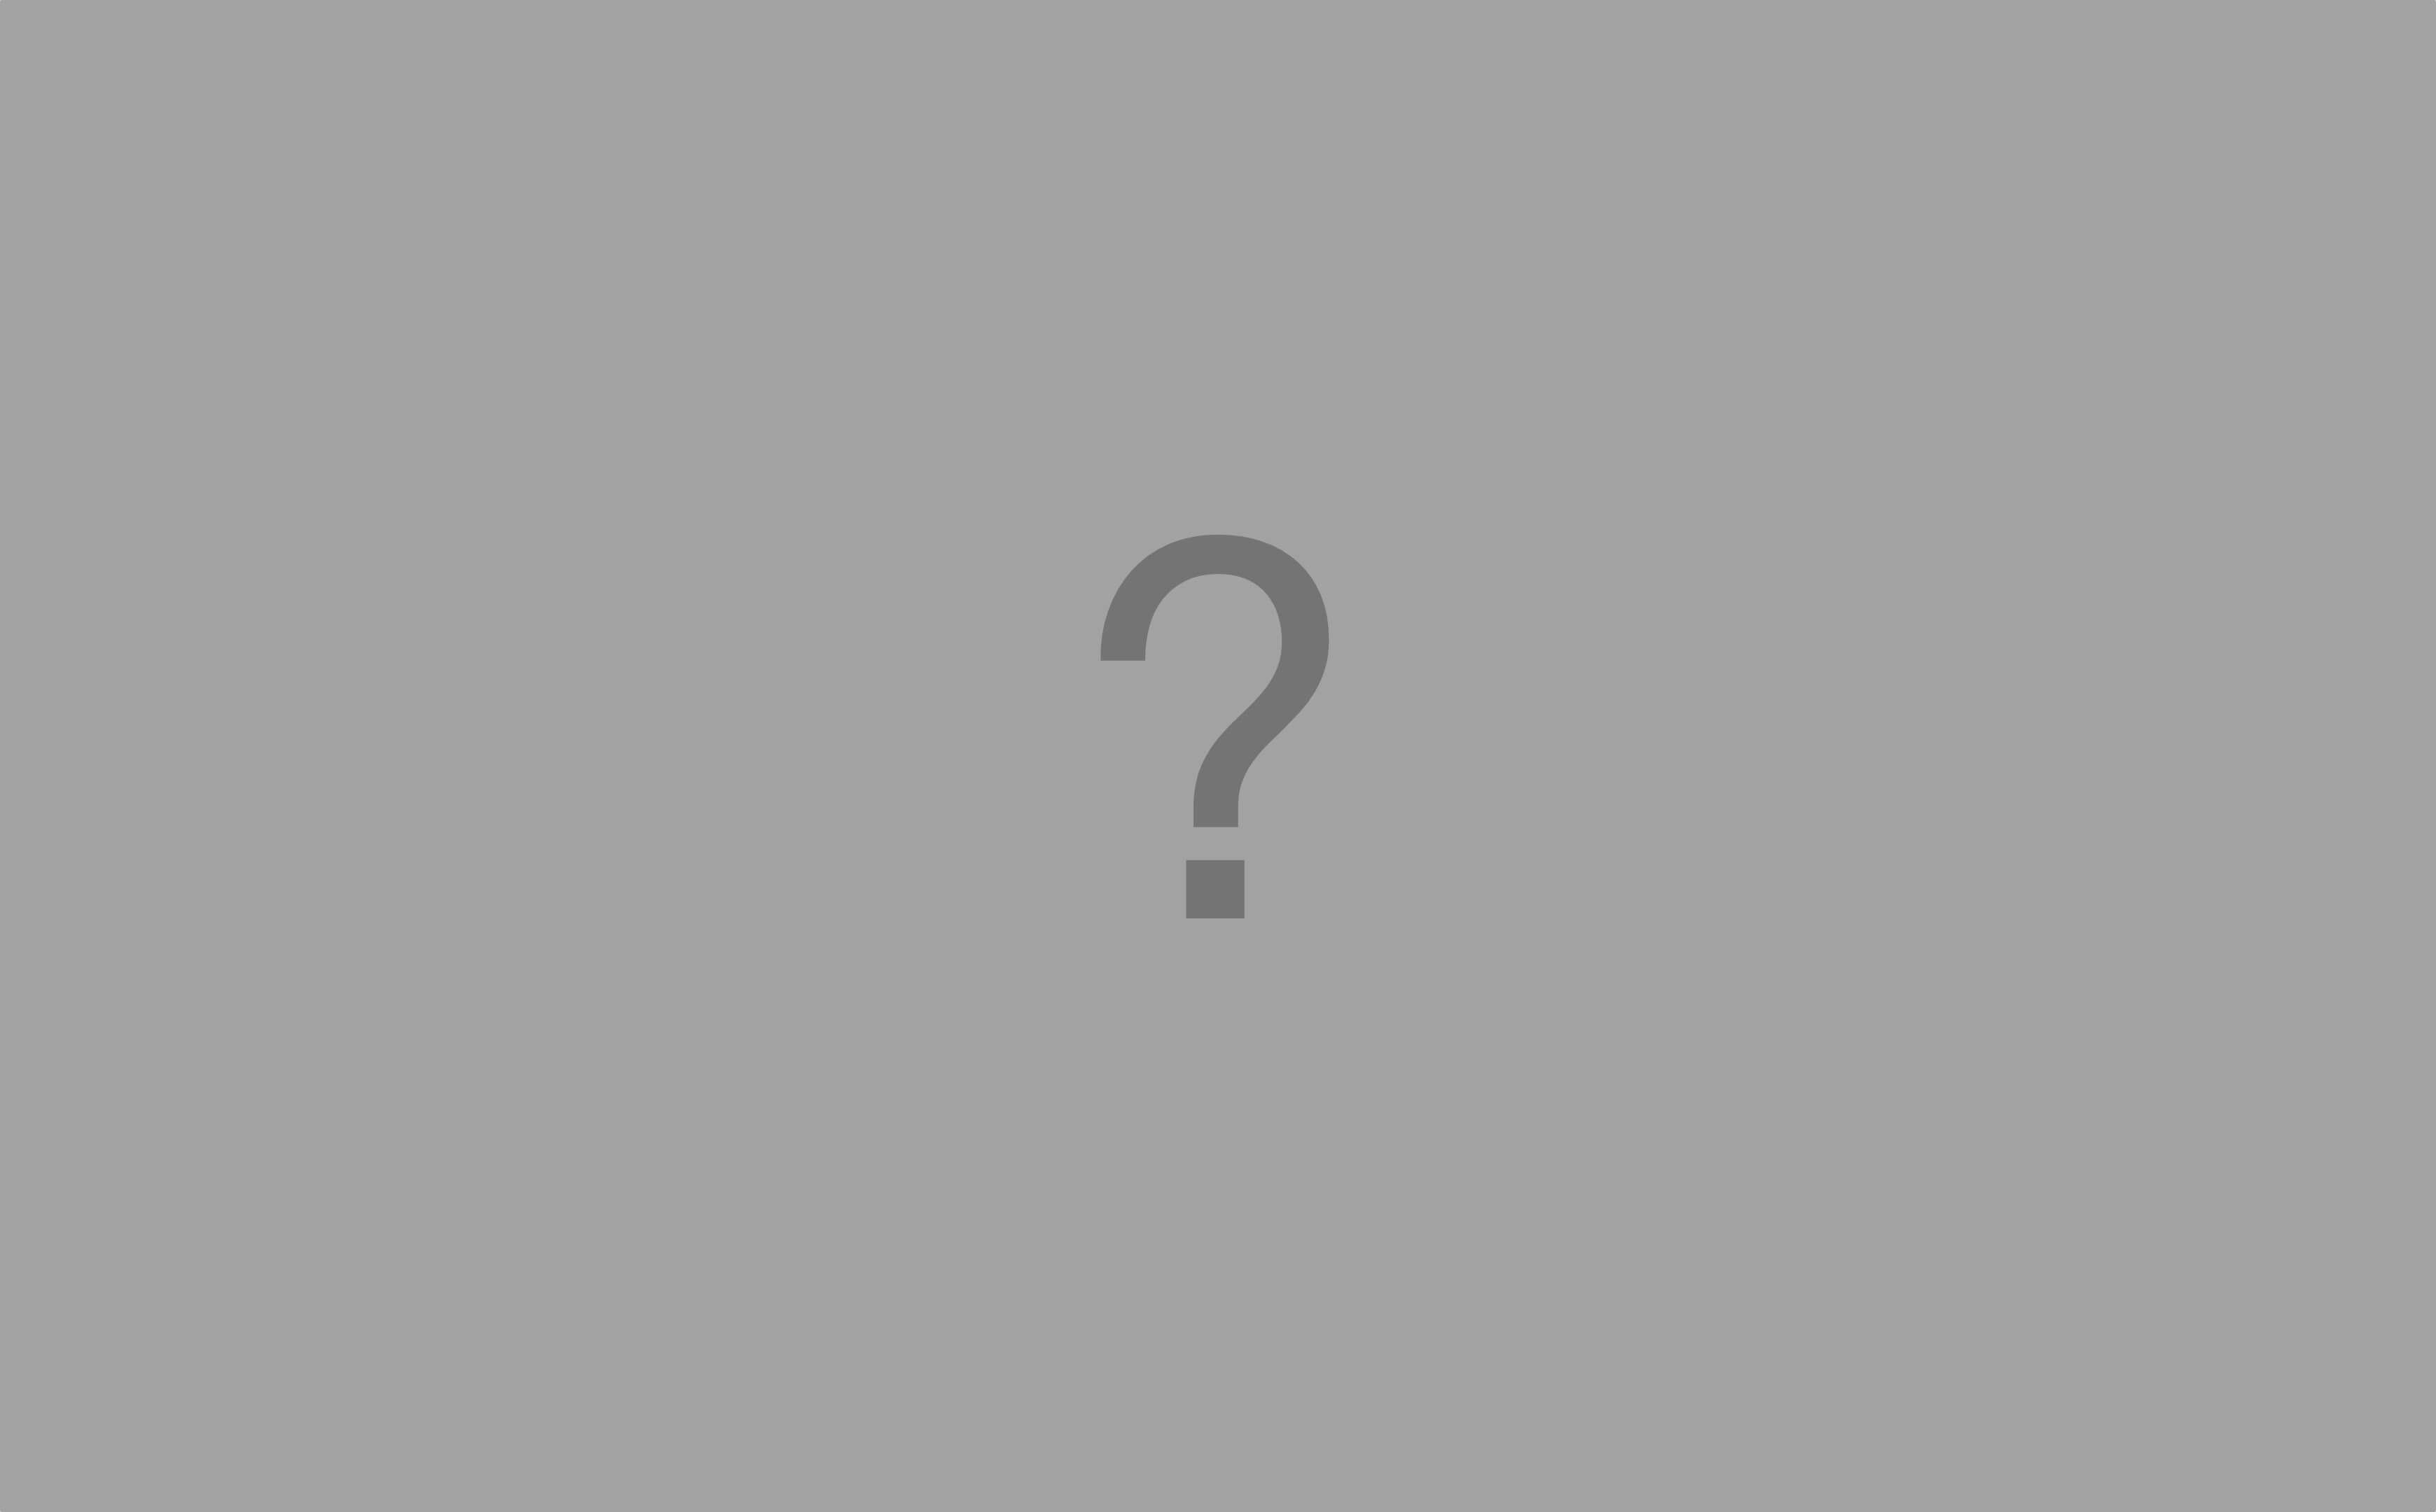 Bitte Apple: Setzt dieses macOS 11 Design Konzept um